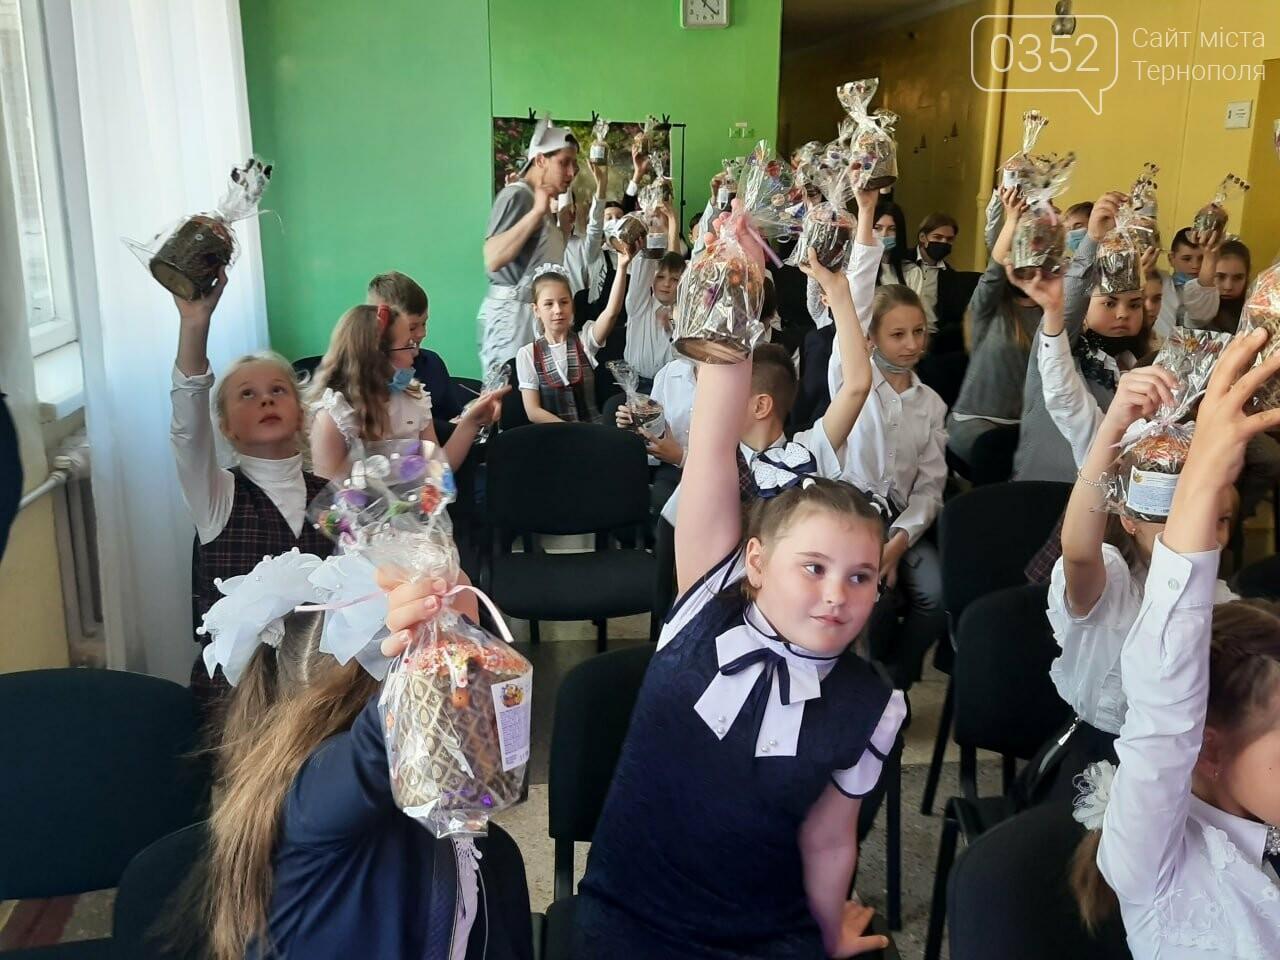 Більше ніж благодійність: «АТБ» передала три тисячі великодніх подарунків дітям із «сірої» зони Донбасу, фото-2